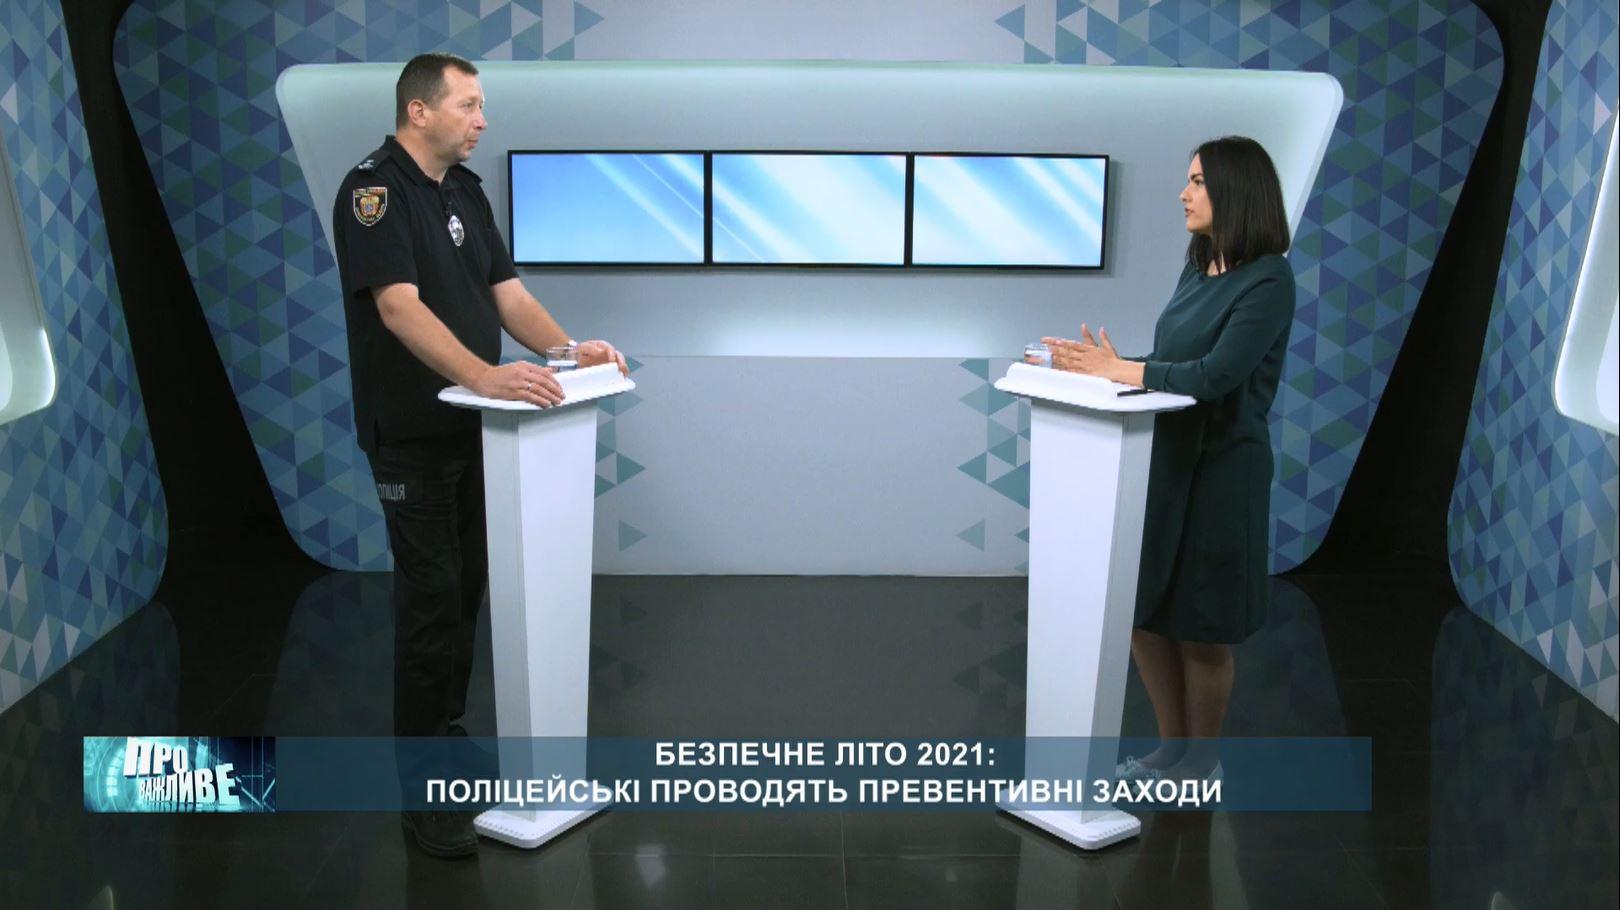 «Про важливе». Безпечне літо 2021: поліцейські проводять превентивні заходи